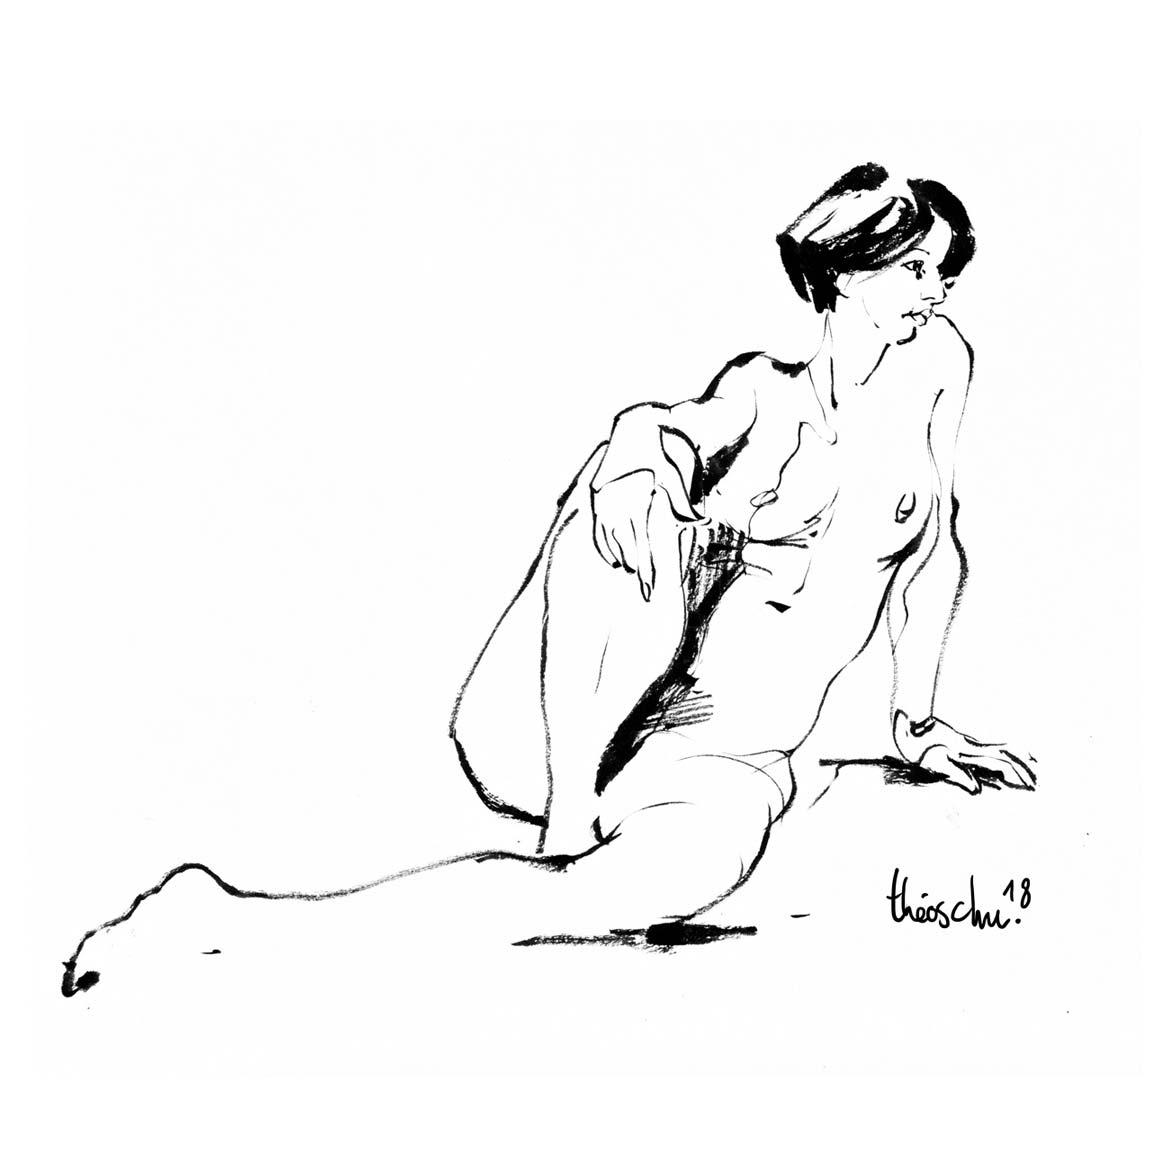 Modèle nue - Aurélie